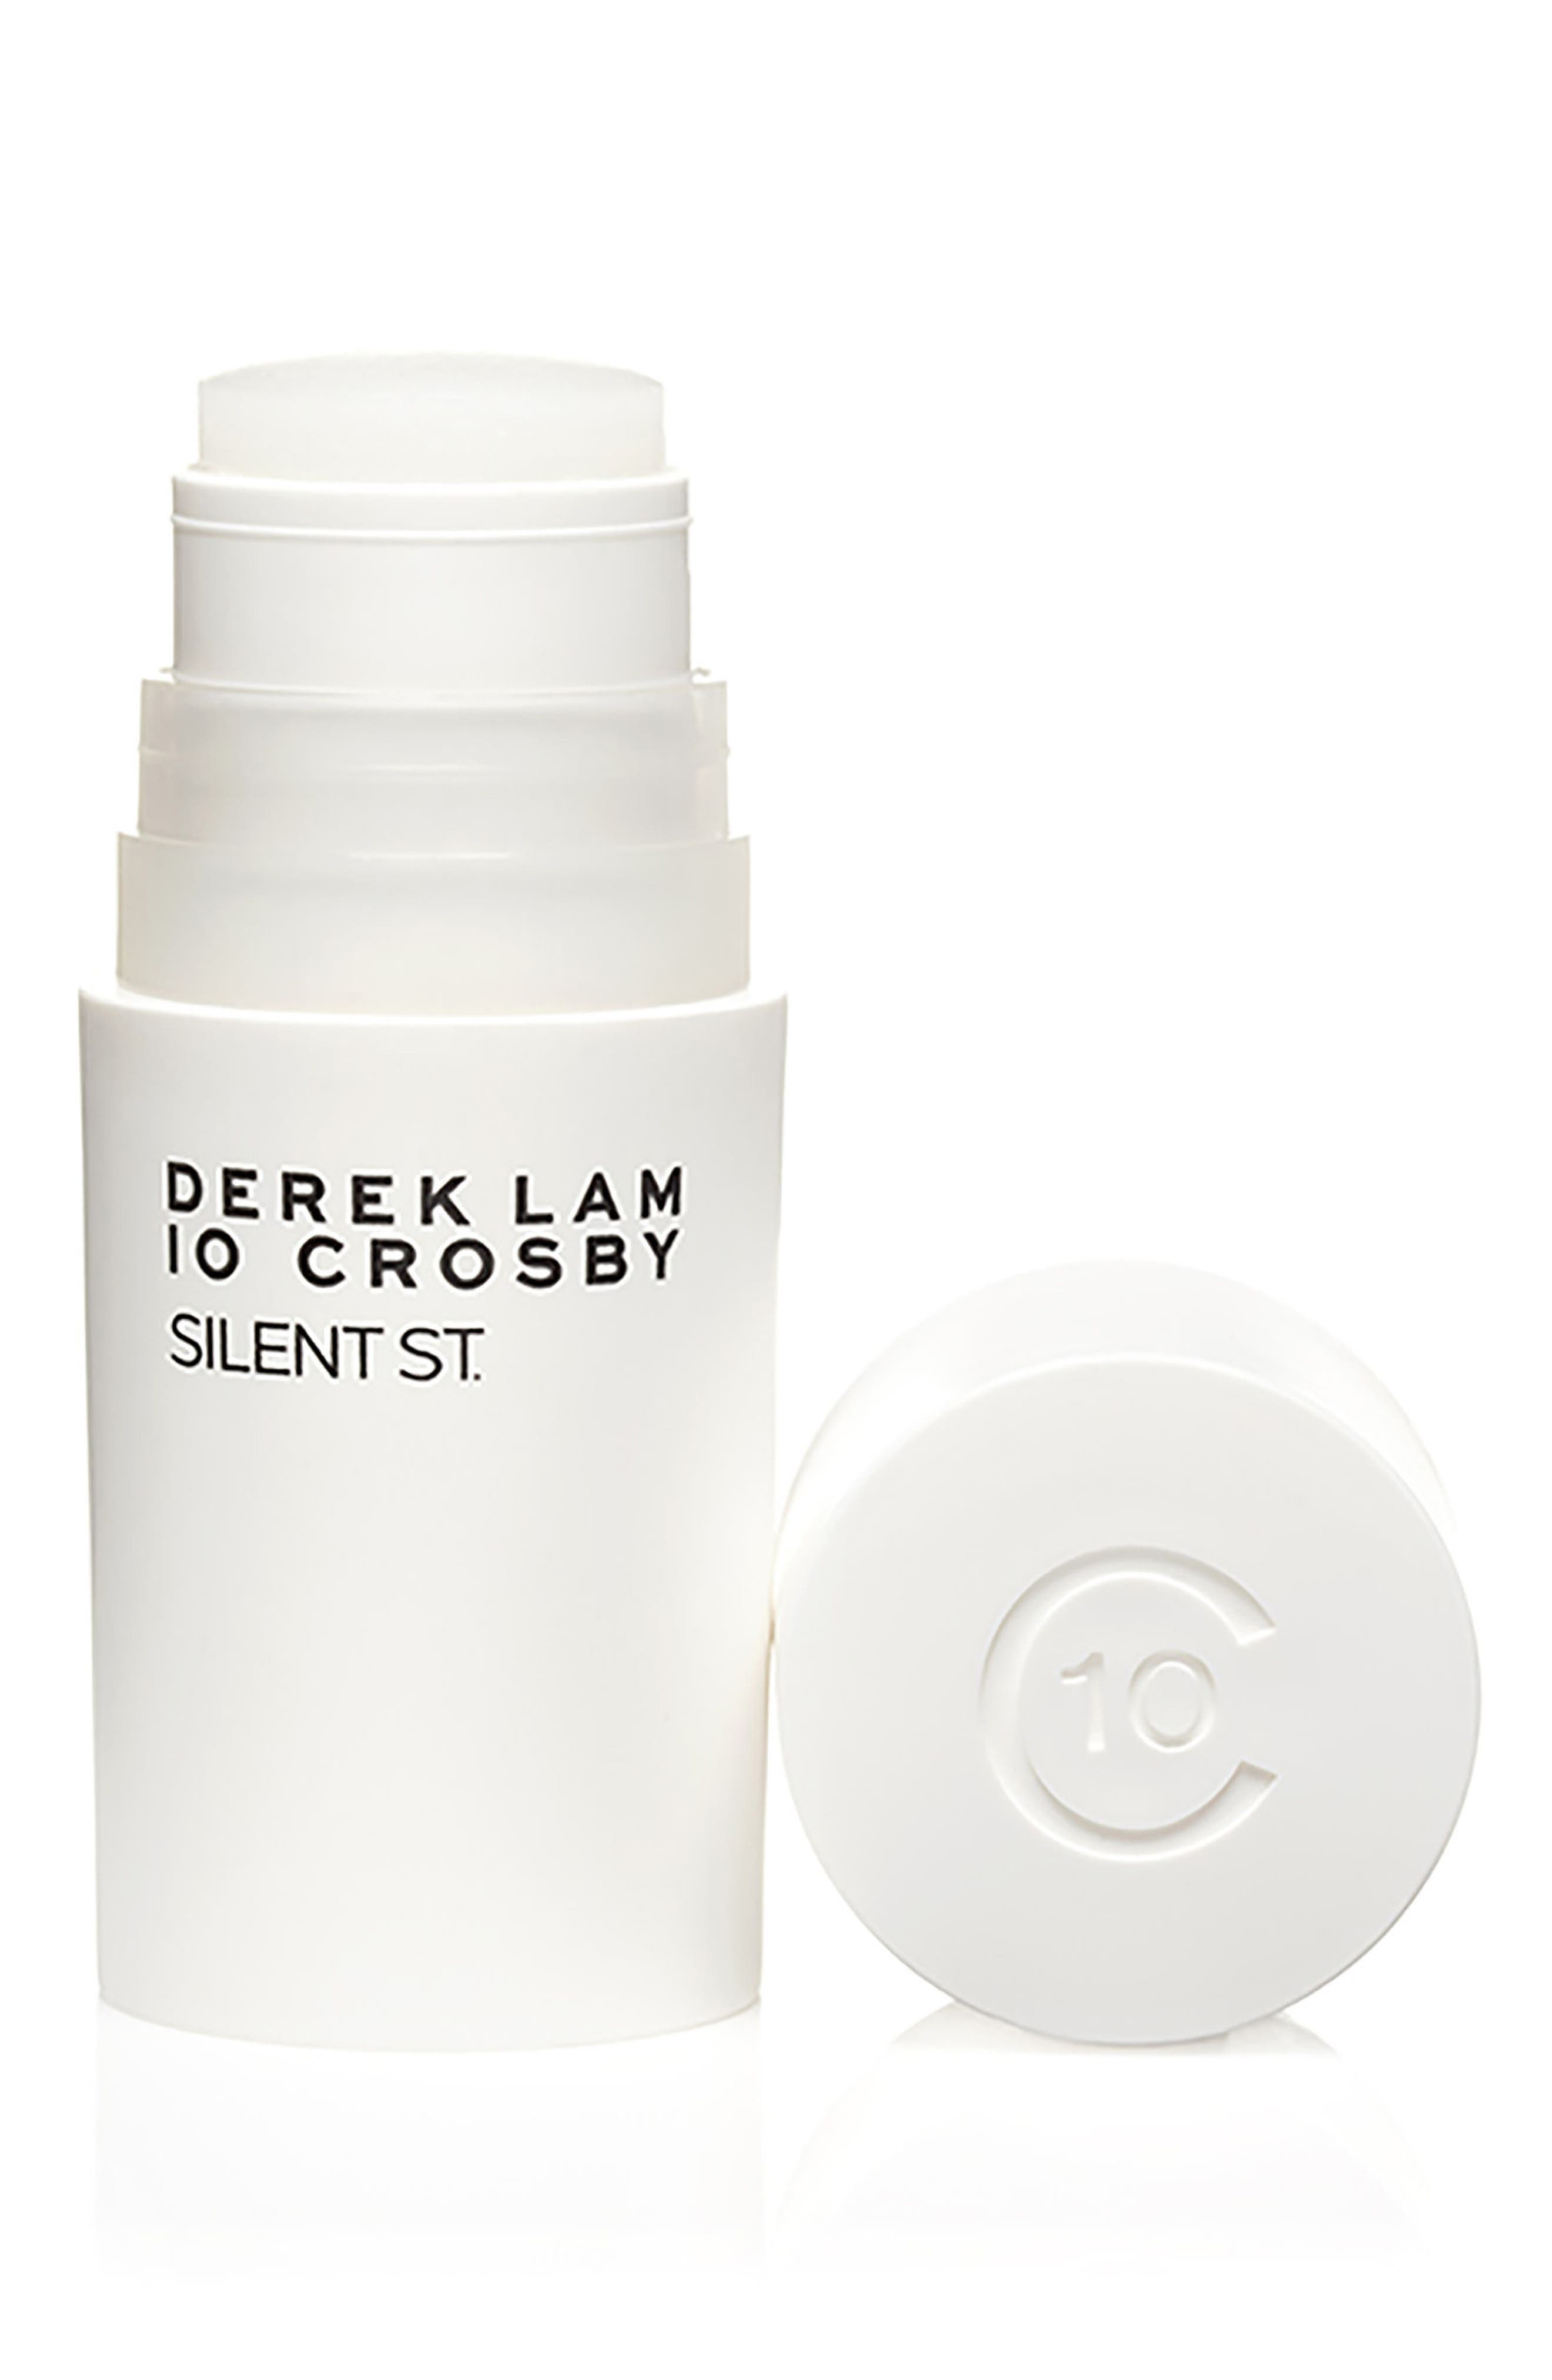 Derek Lam 10 Crosby Silent Street Parfum Stick